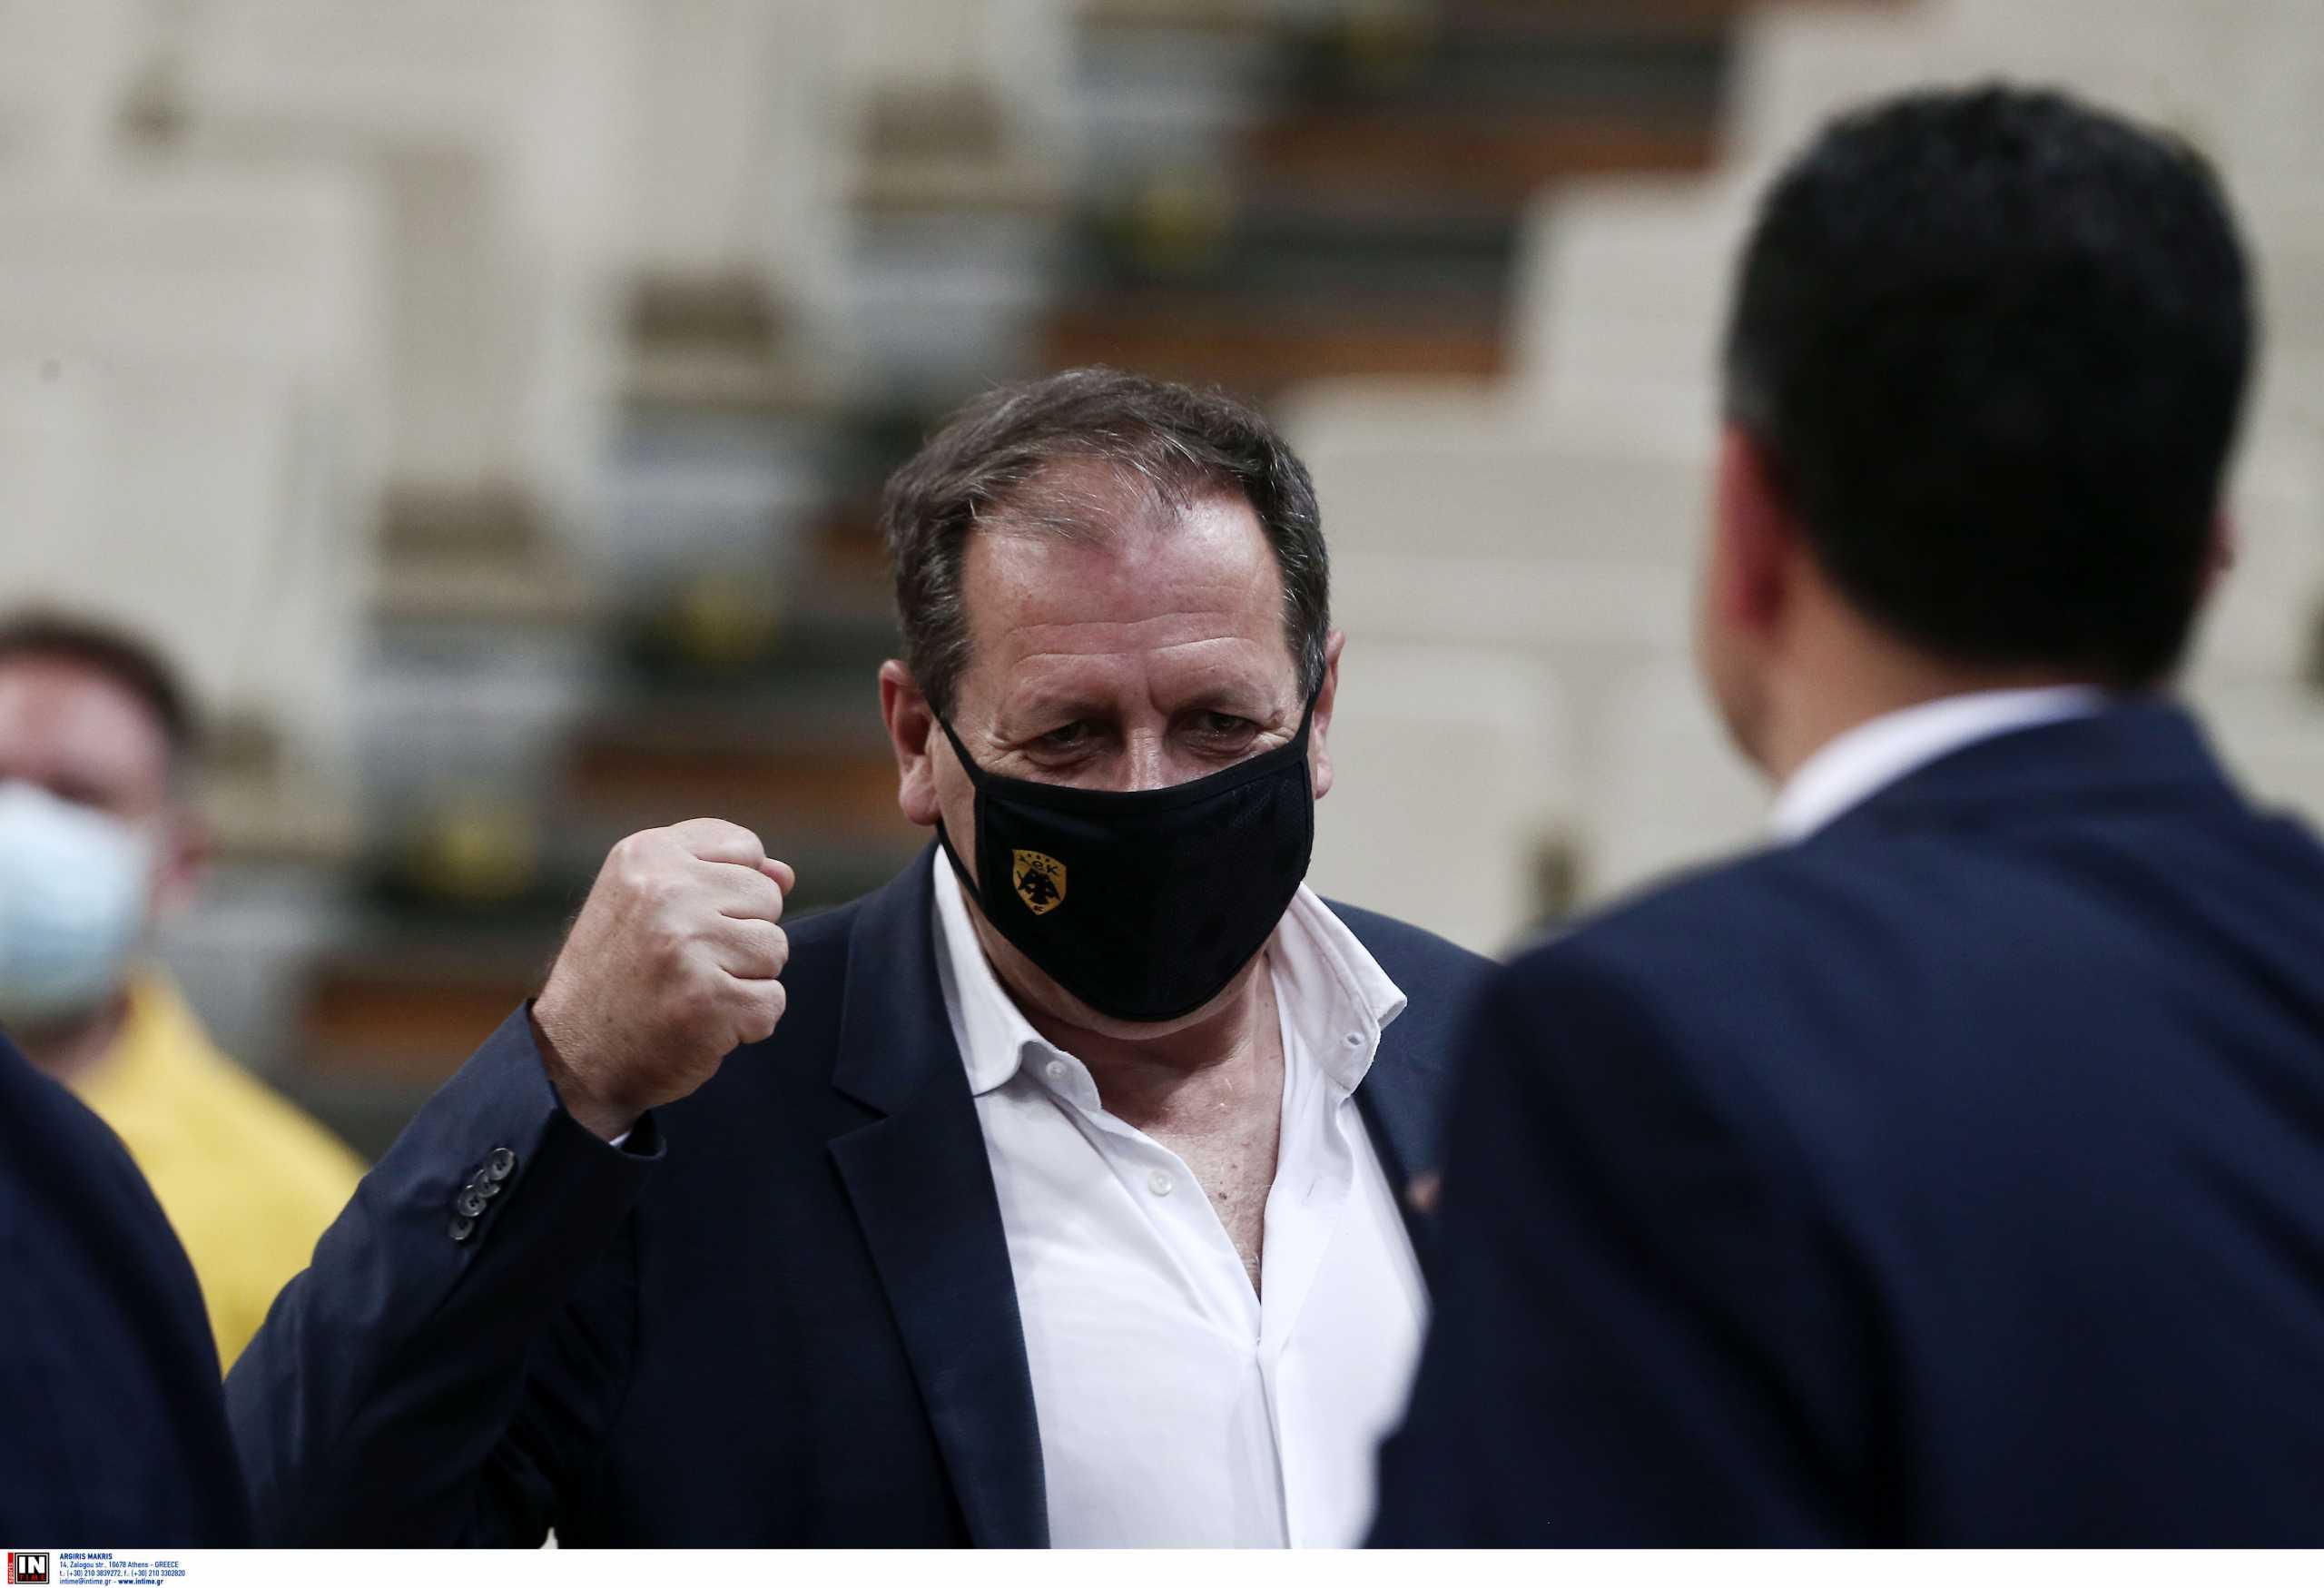 ΑΕΚ – Μάκης Αγγελόπουλος: «Τις επόμενες μέρες θα λυθεί οριστικά το θέμα των ban»